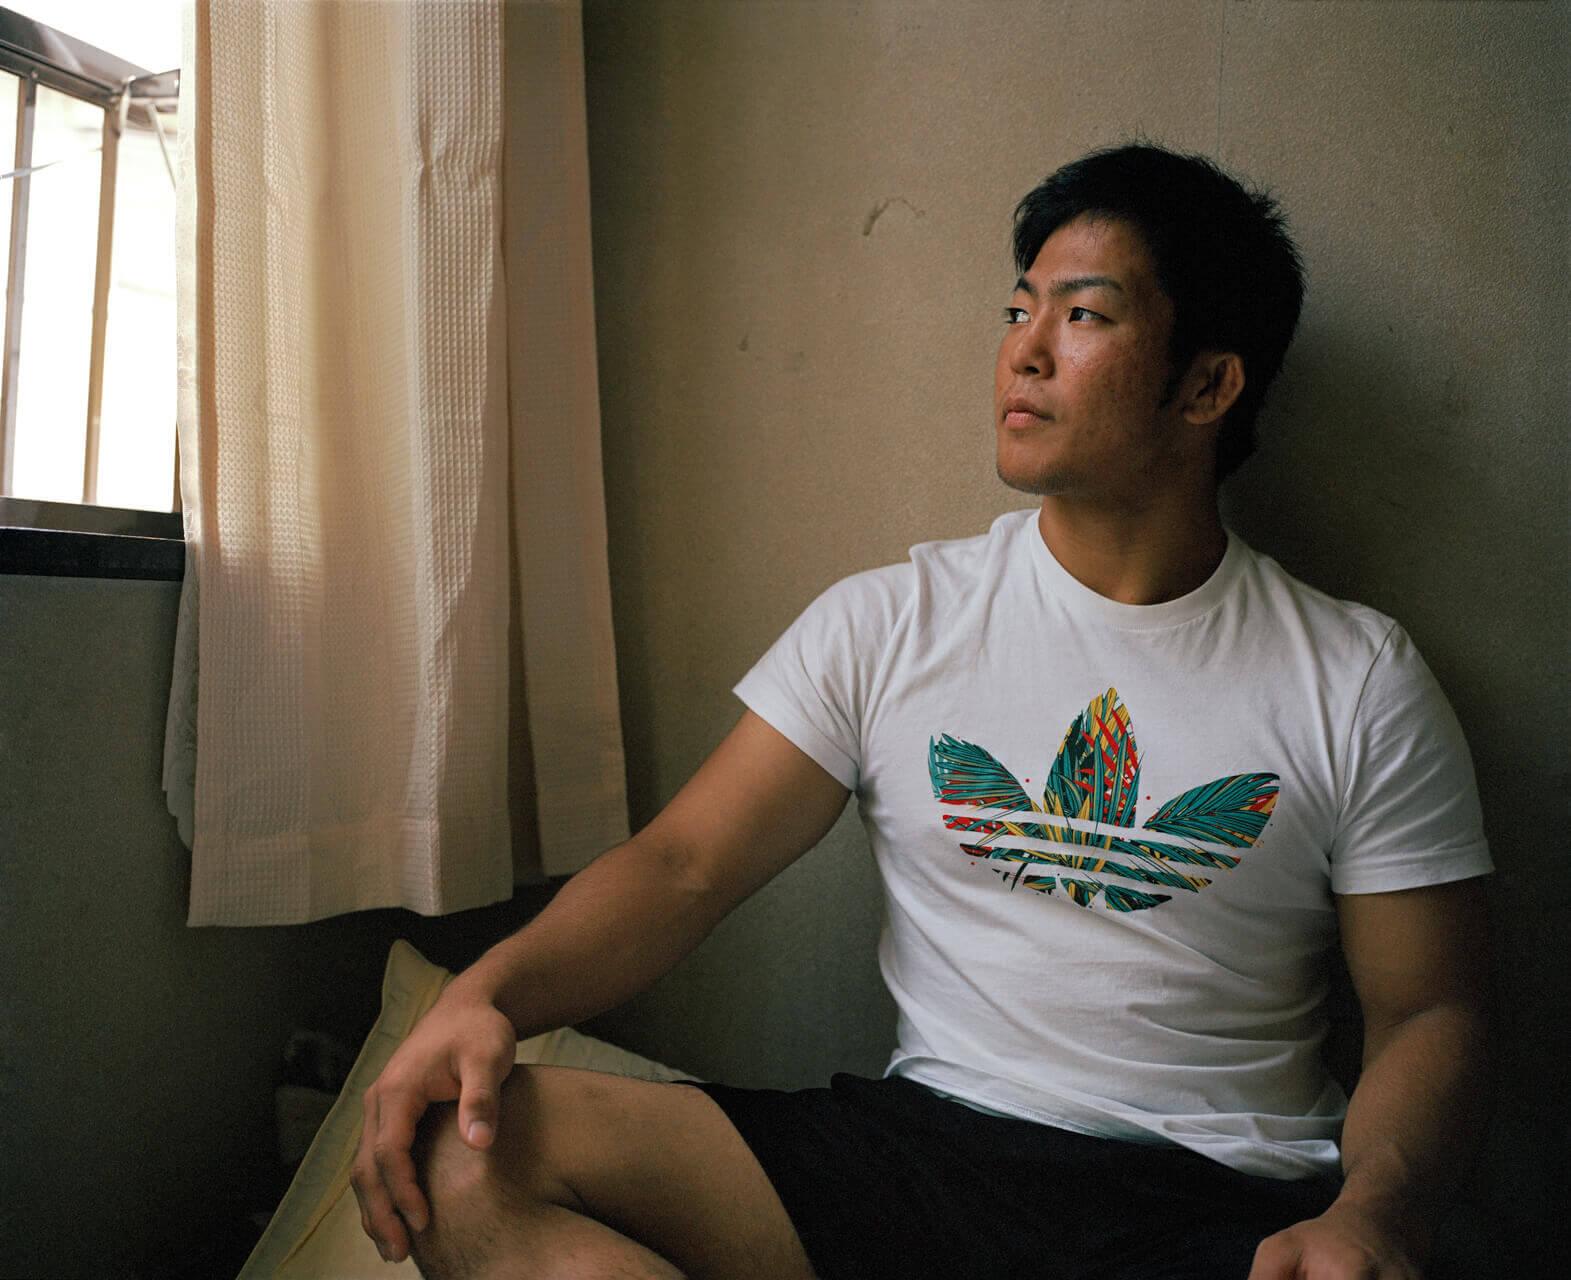 nippon_2016_motoki_kabashigana_scan-Kopie